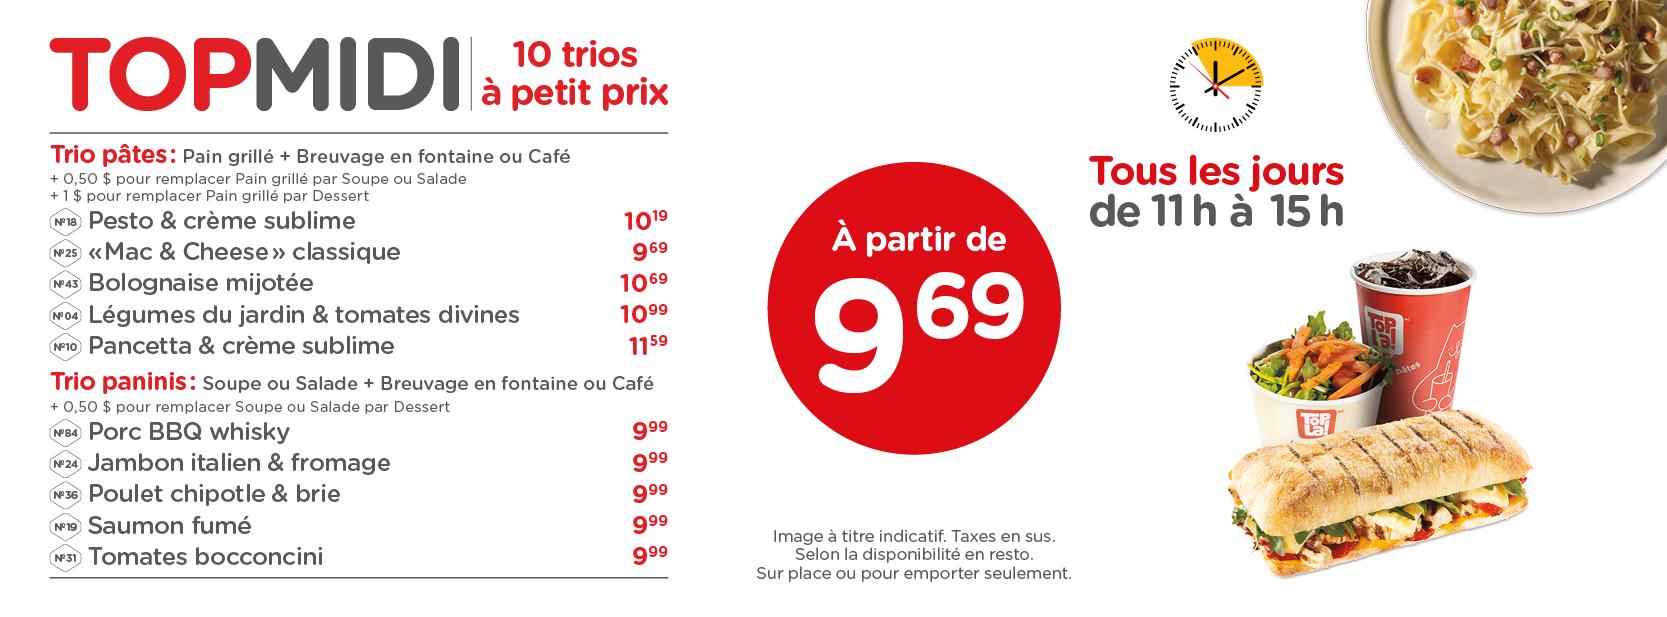 PROMO TOPMIDI | Tous les jours, de 11h à 15h, 10 trios vous sont offerts à partir de seulement 9,69 $